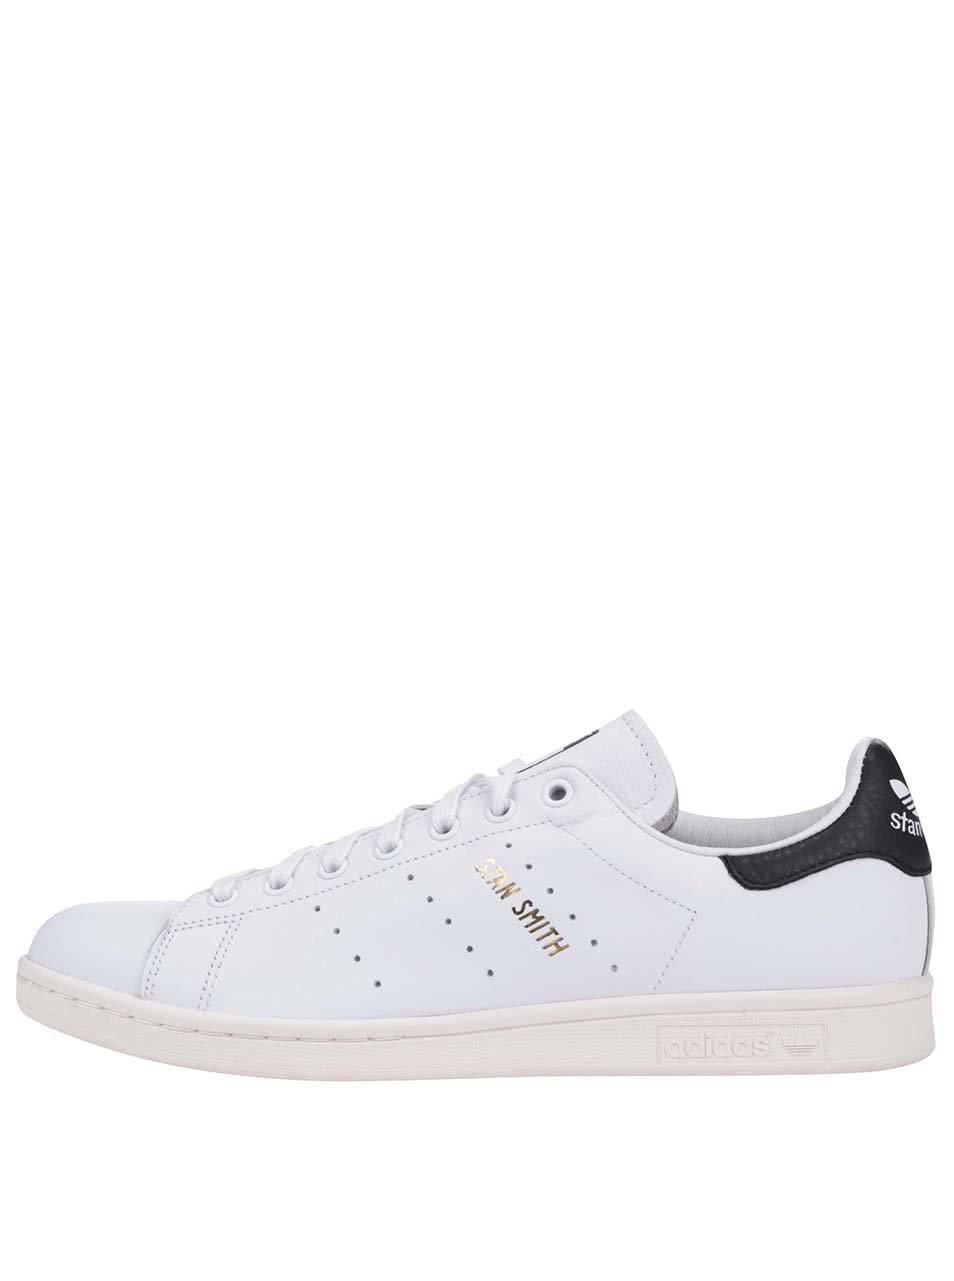 f96503d5d4fbb Čierno-biele pánske kožené tenisky adidas Originals Stan Smith | ZOOT.sk